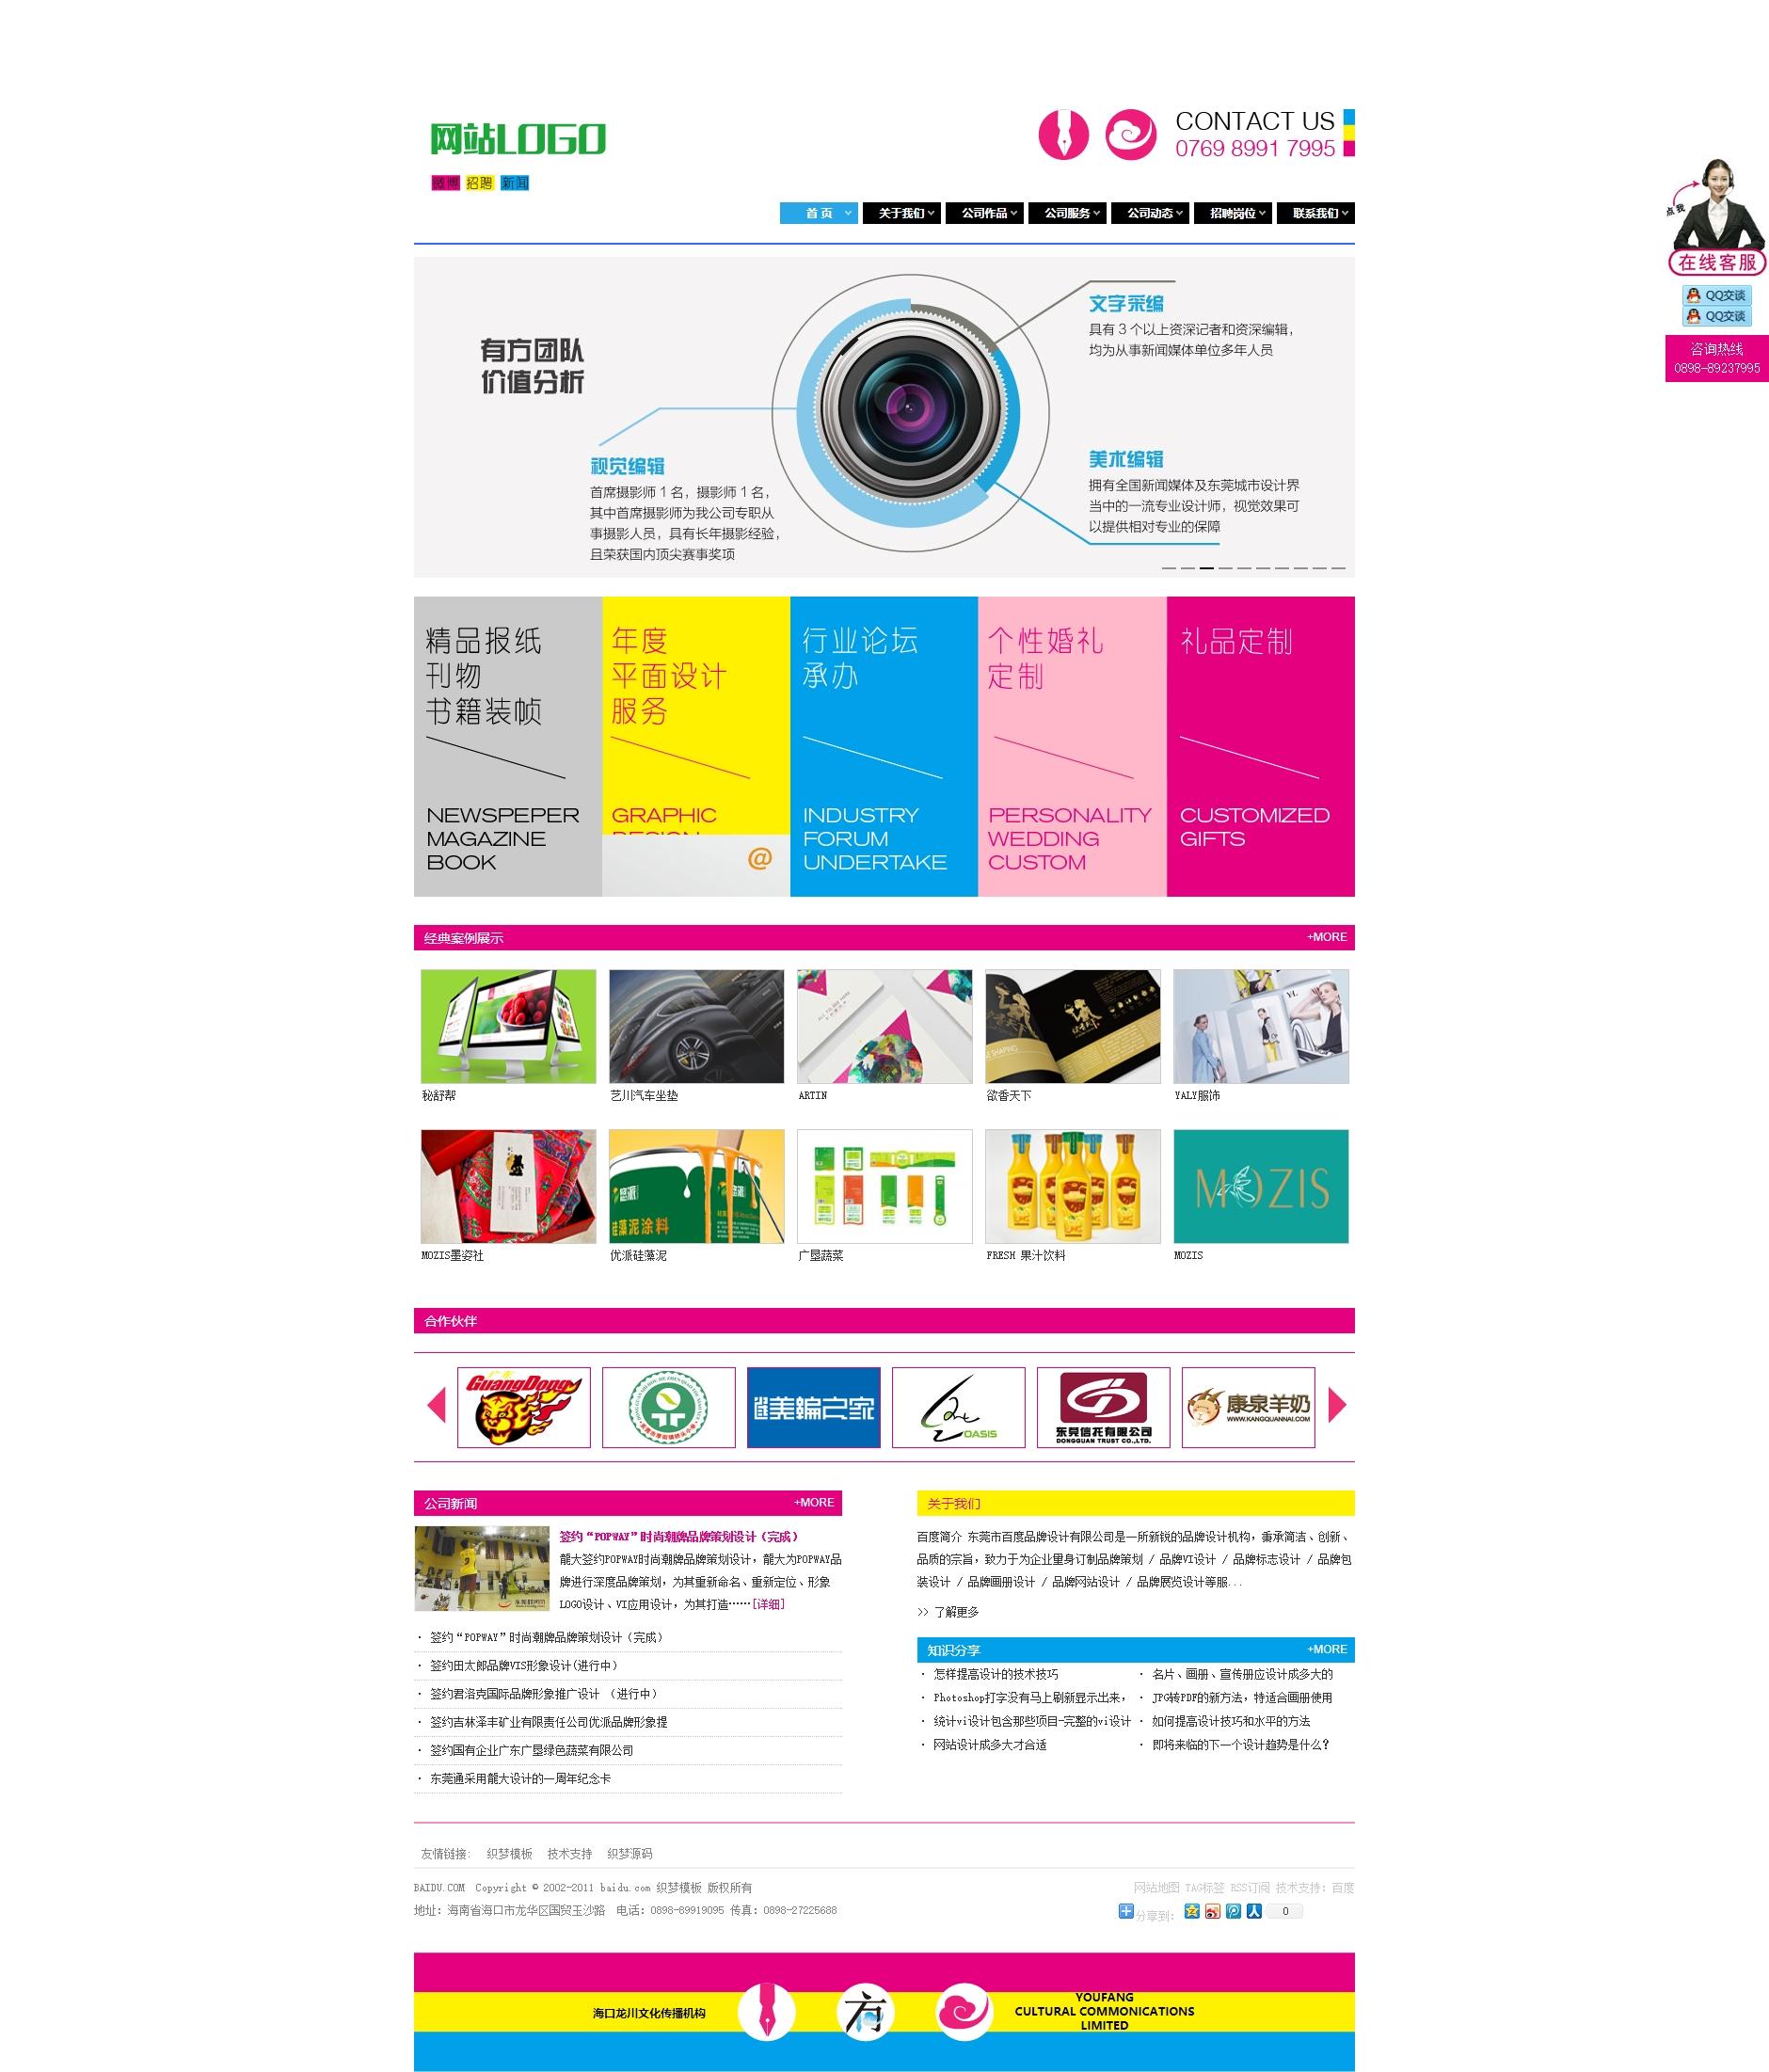 大气品牌传播广告设计类企业公司织梦dedecms模板